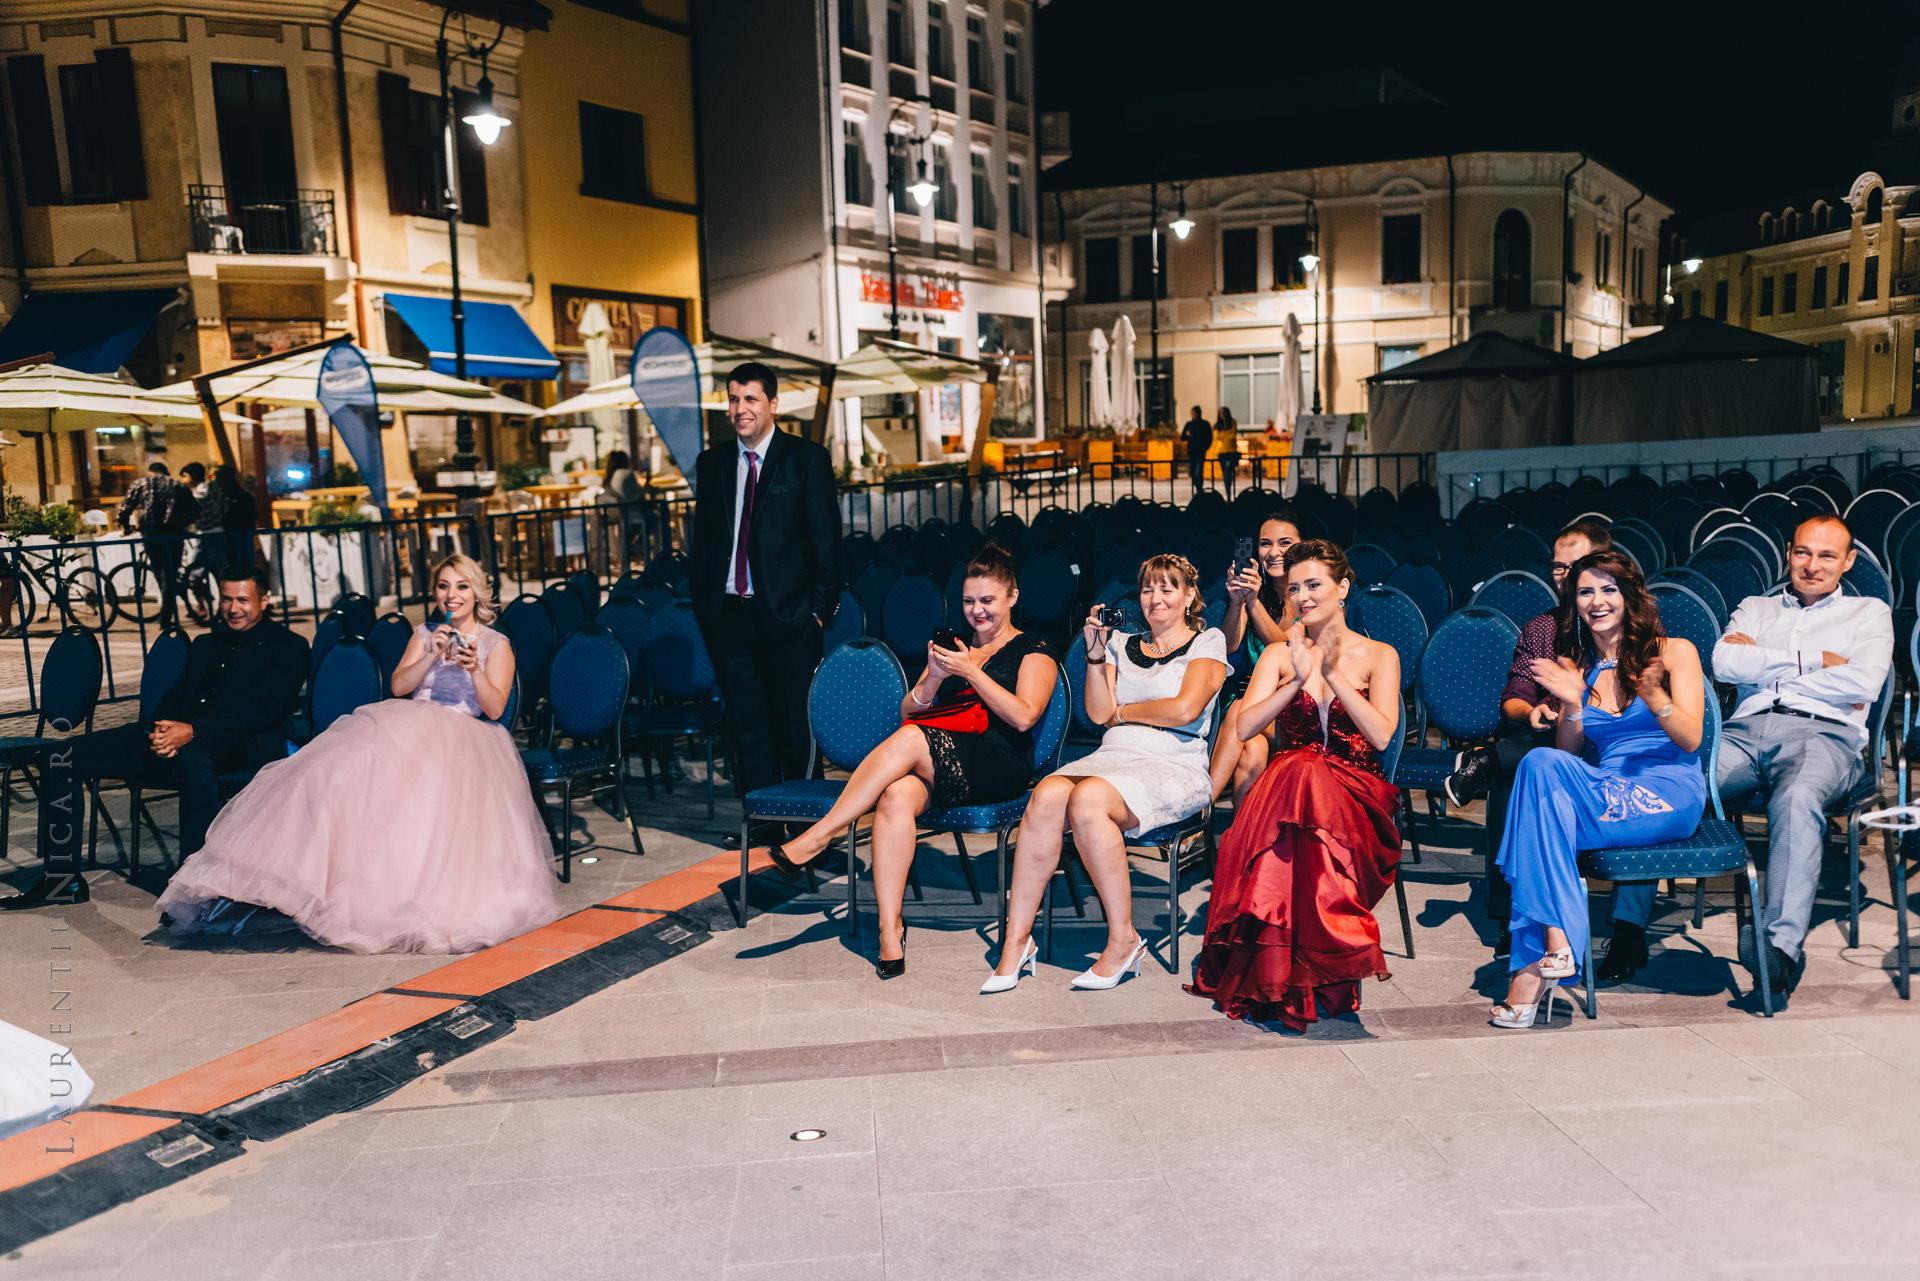 lavinia si adi fotograf laurentiu nica craiova 076 - Lavinia & Adi | Fotografii nunta